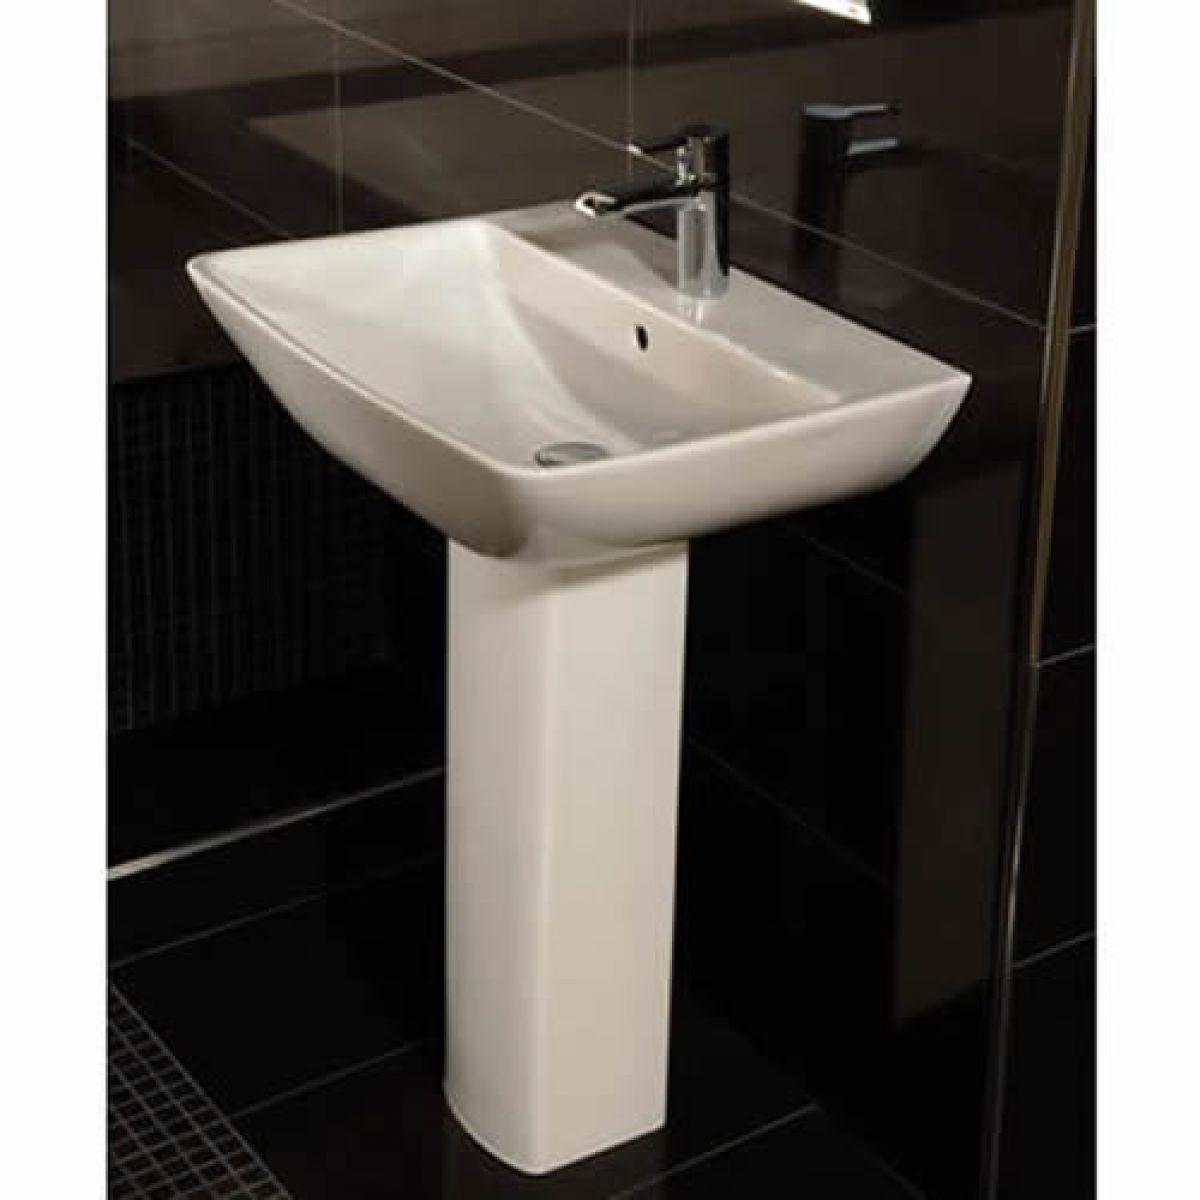 Rak bathroom suites - Rak Summit Bathroom Basin Rak Summit Bathroom Basin